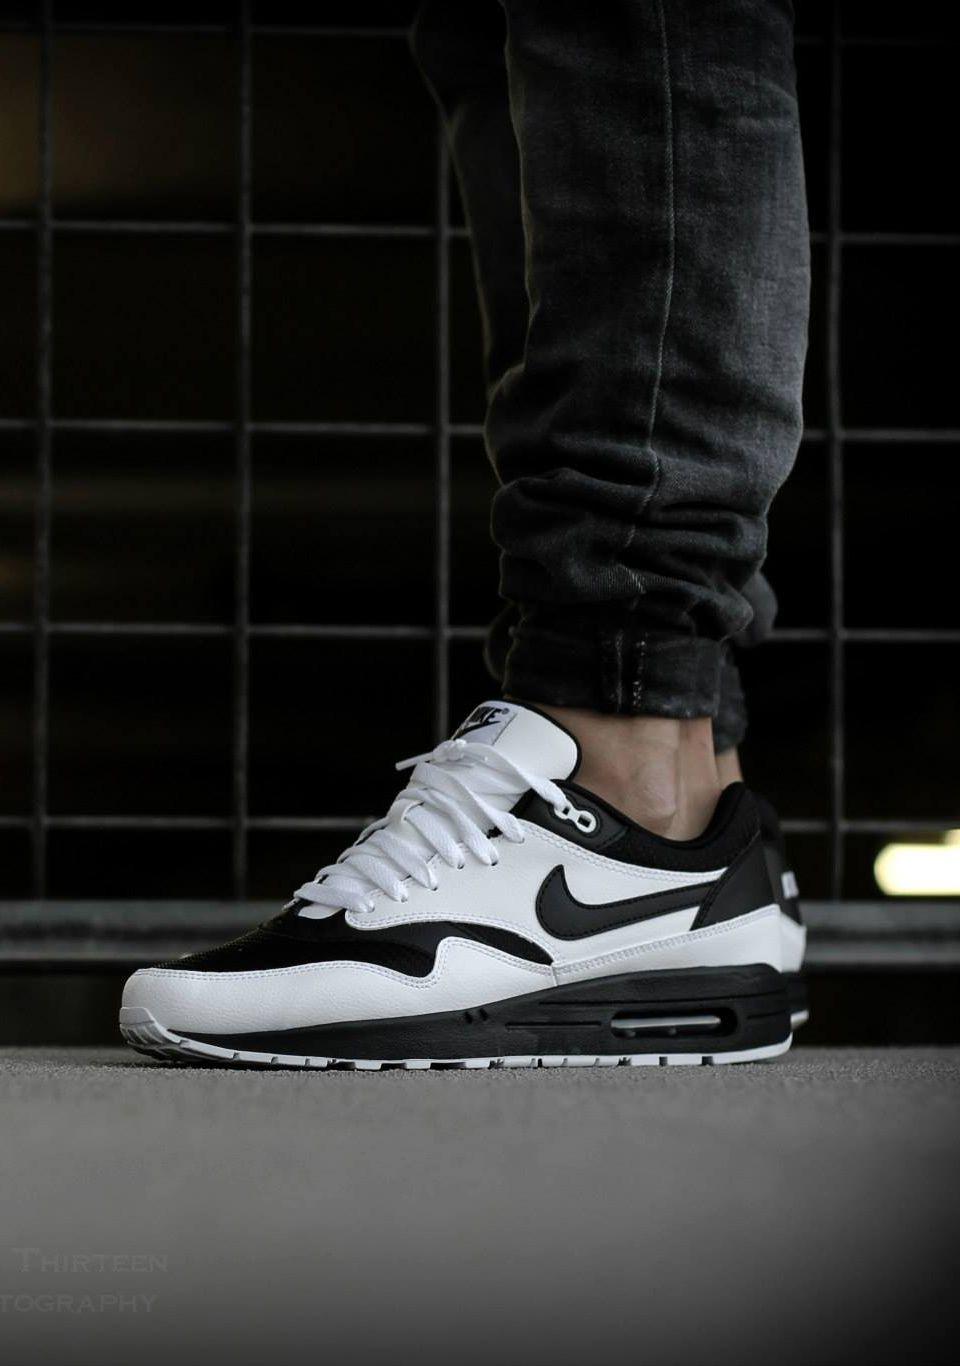 ff16f2653da Nike Air Max 1 ID